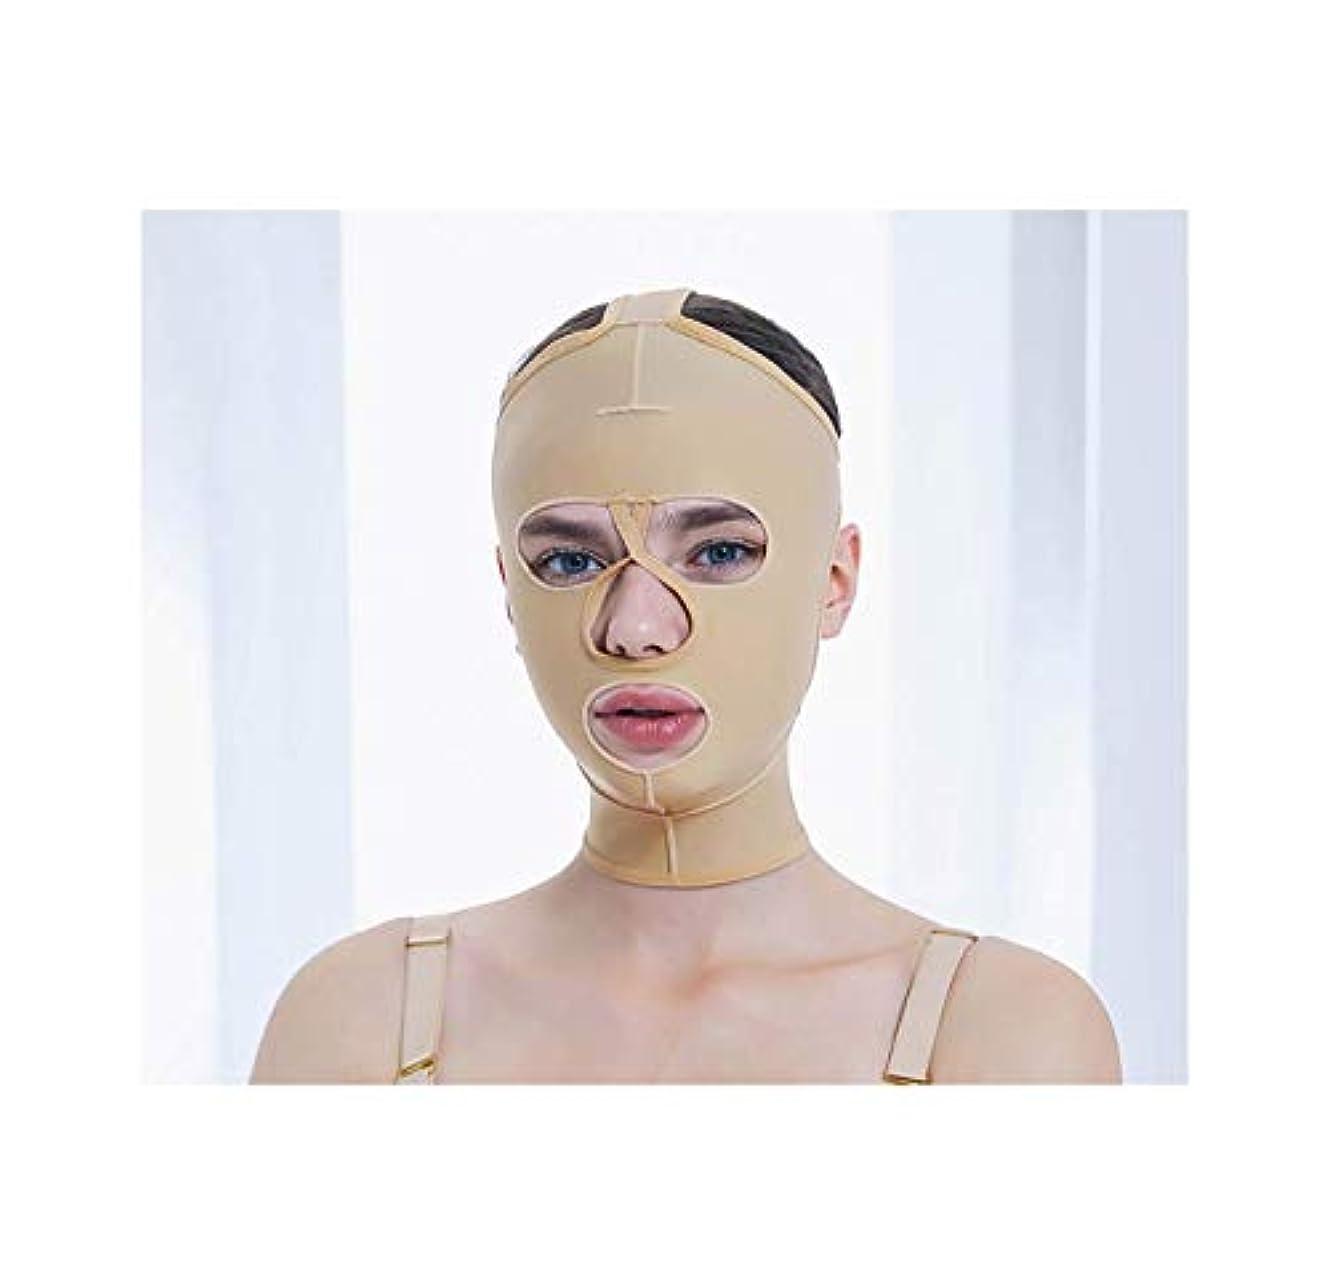 デッキ友だちペフフェイス&ネックリフト、減量フェイスマスク脂肪吸引術脂肪吸引整形マスクフードフェイスリフティングアーティファクトVフェイスビームフェイス弾性スリーブ(サイズ:XS),XXL